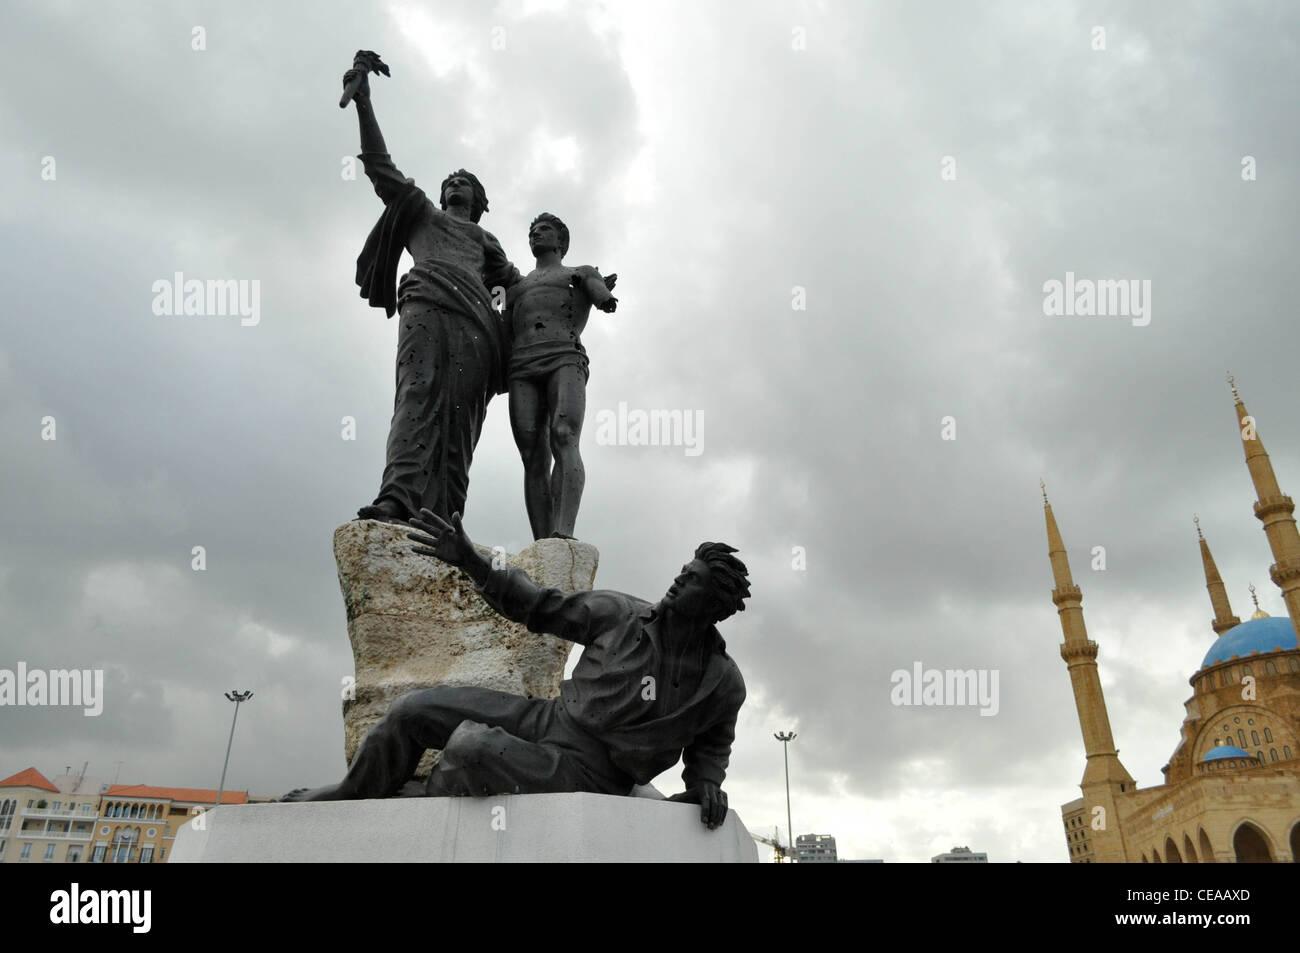 La Place des Martyrs, à Beyrouth, trous de balle dans la statue, au Liban Photo Stock